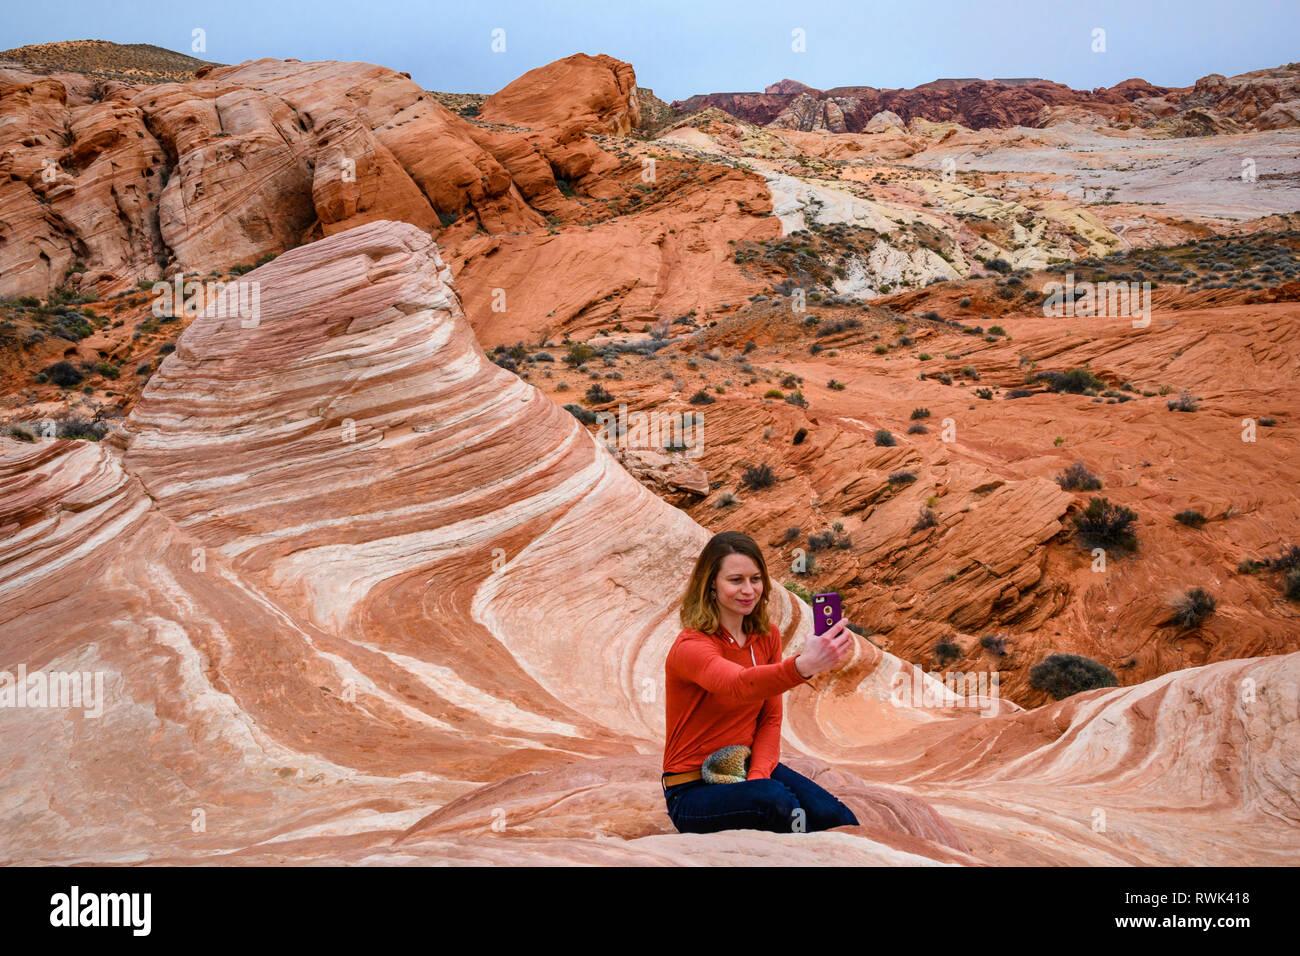 Frau unter selfie Foto bei dem Feuer Wave Sandstein Felsformationen im Valley of Fire State Park, Nevada. Stockfoto